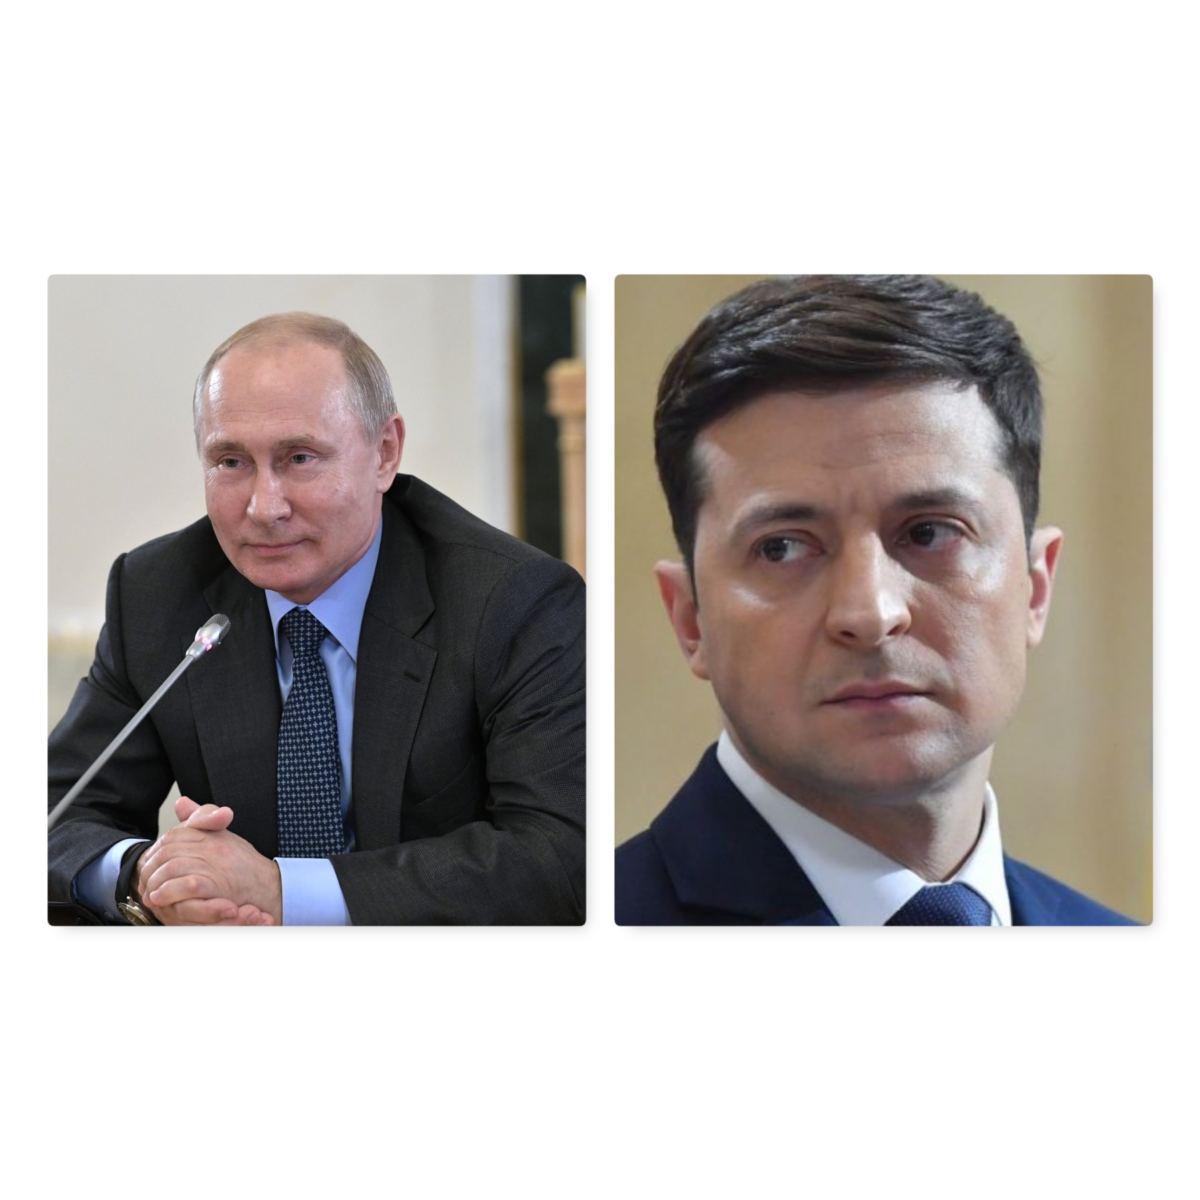 ukraine-update:-weg-ist-frei-fur-normandie-treffen-und-poroschenko-ignoriert-vorladung-zum-verhor- -anti-spiegel